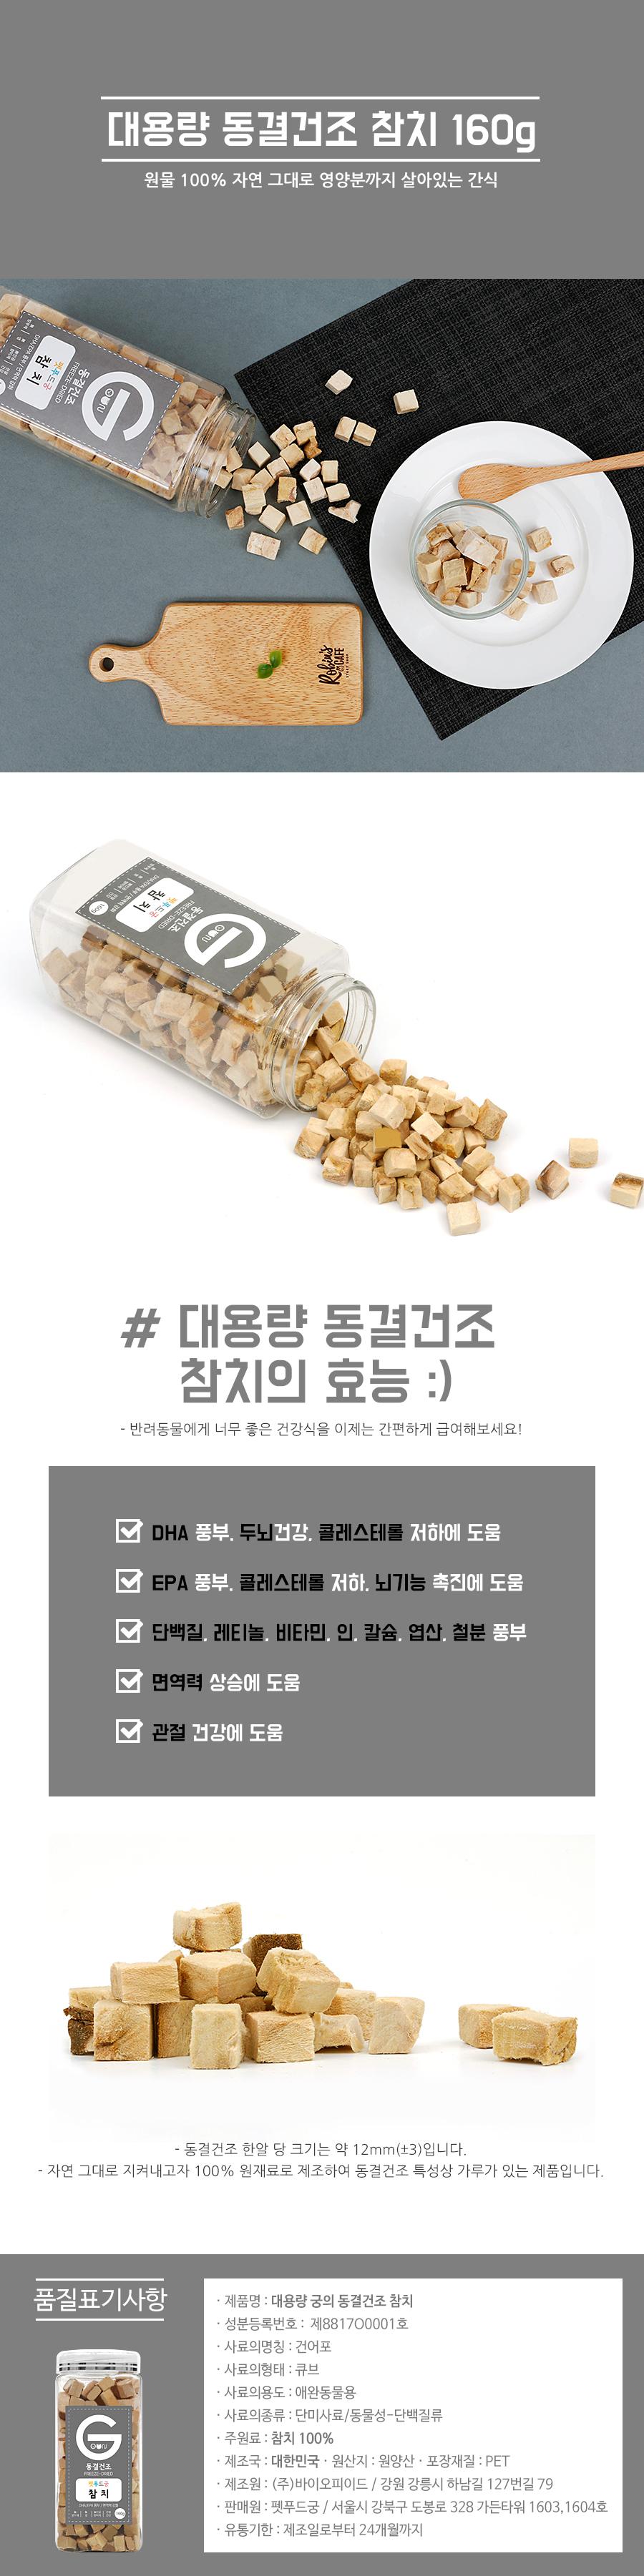 1+1 펫푸드궁 대용량 동결건조 + 닭고기 수제간식 - 펫푸드궁, 18,000원, 간식/영양제, 수제간식